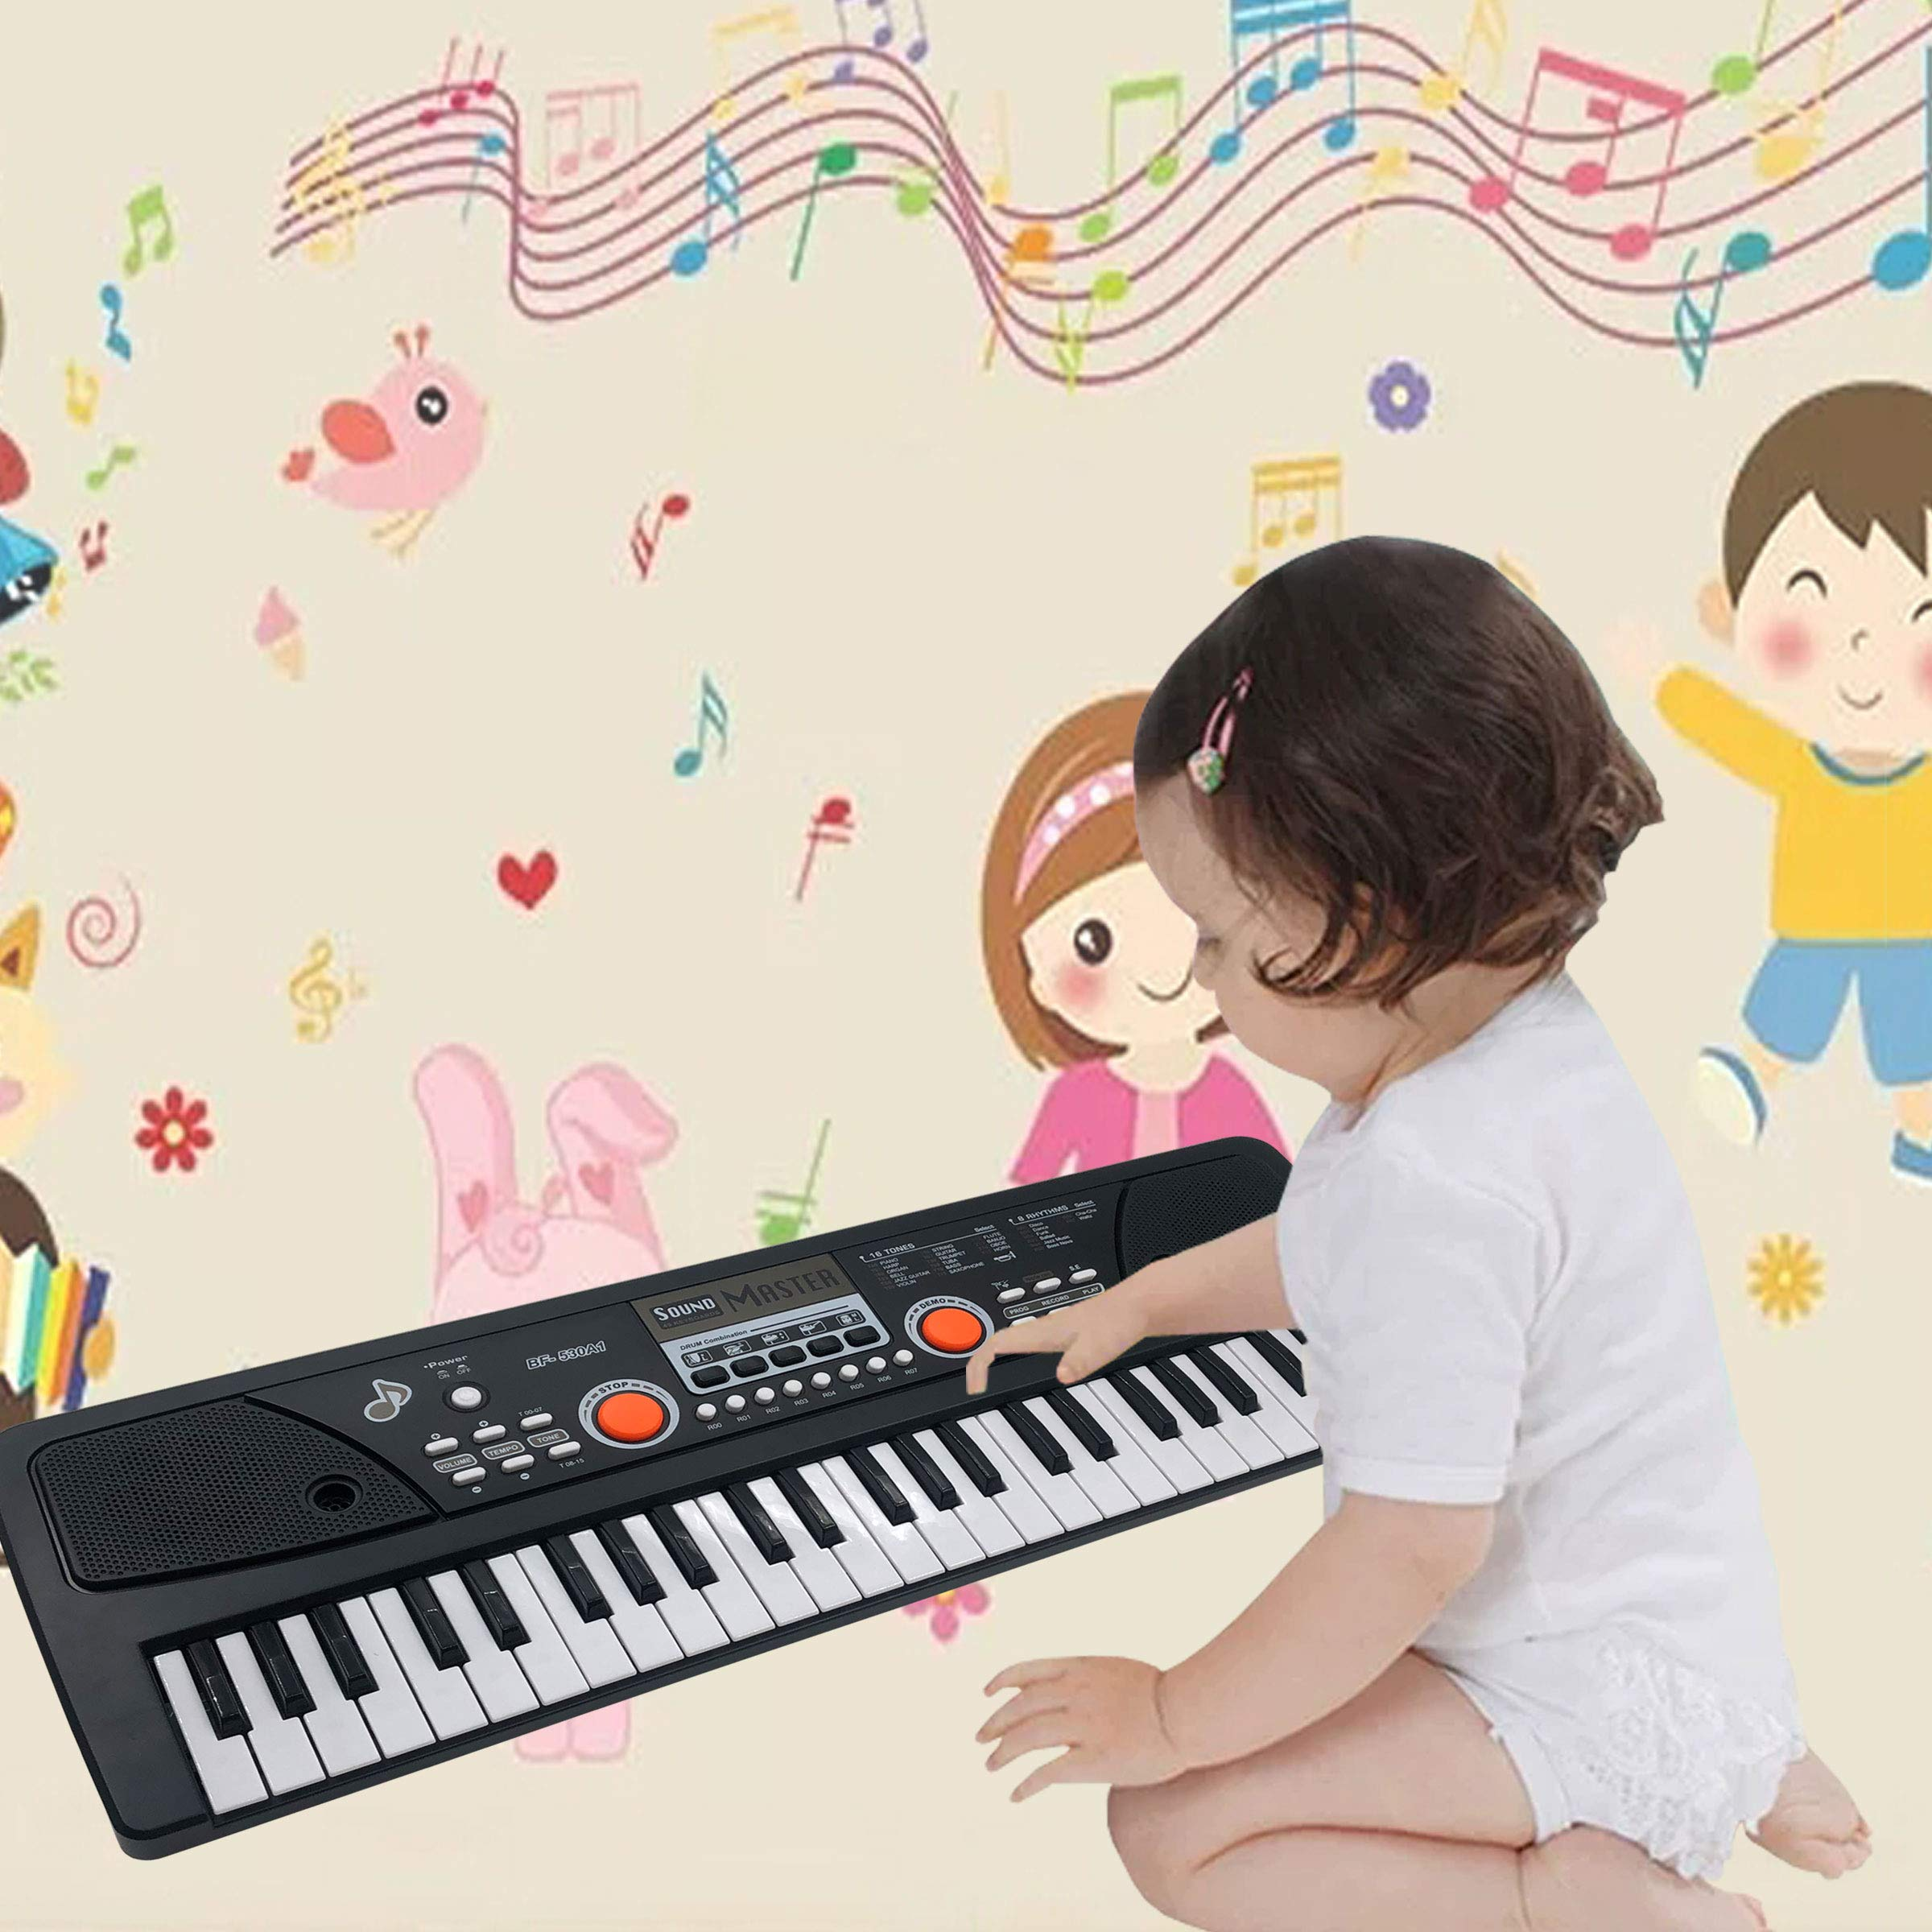 TianYaer Teclado Electrónico Piano 49 Teclas, Teclado de Piano Portátil con Micrófono Teclado portátil Regalo para Niño, Niña Principiantes